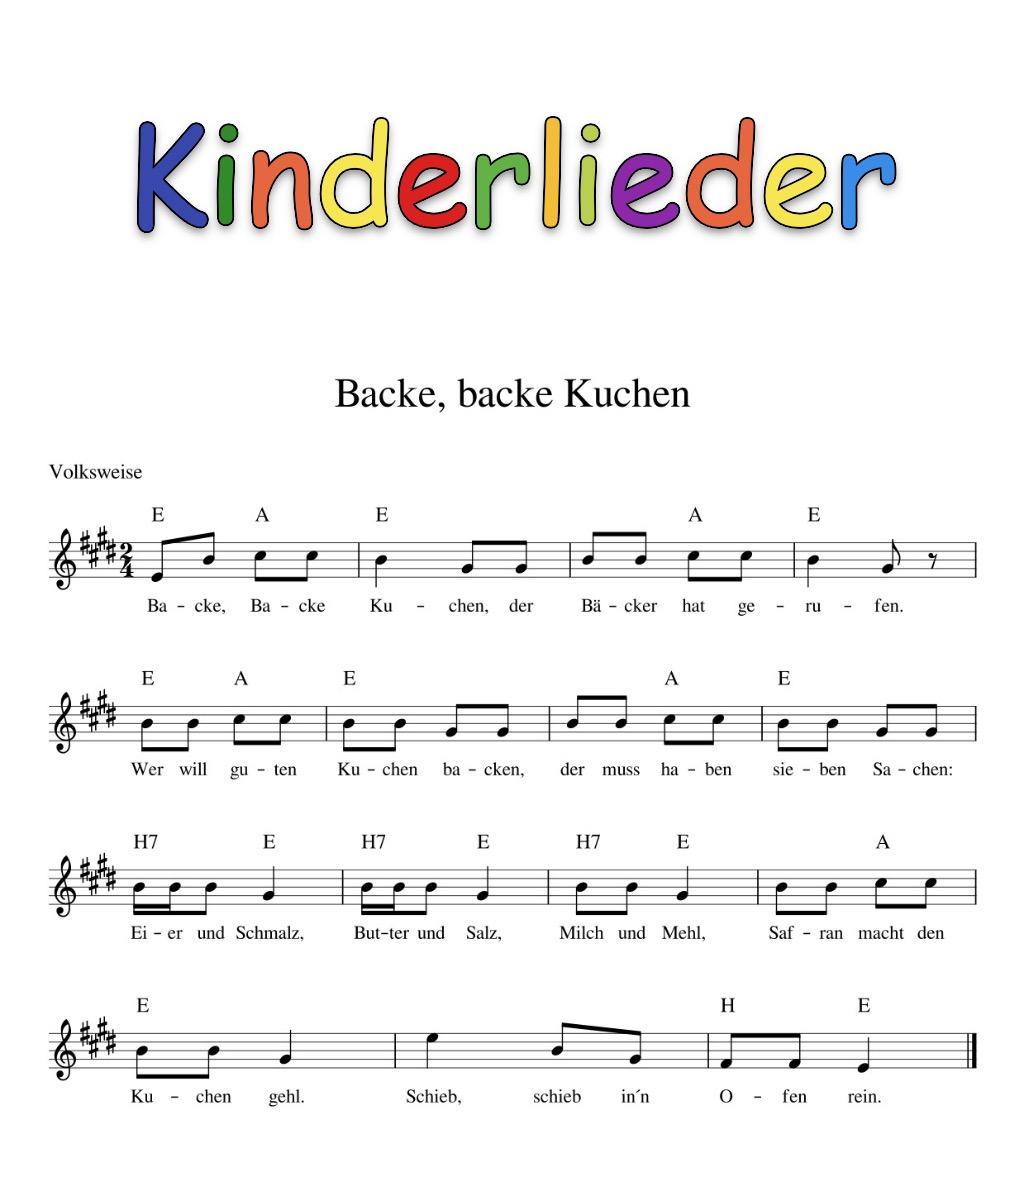 Kinderlieder Mit Noten - Kinderlieder - Noten - Text für Deutsche Weihnachtslieder Mp3 Kostenlos